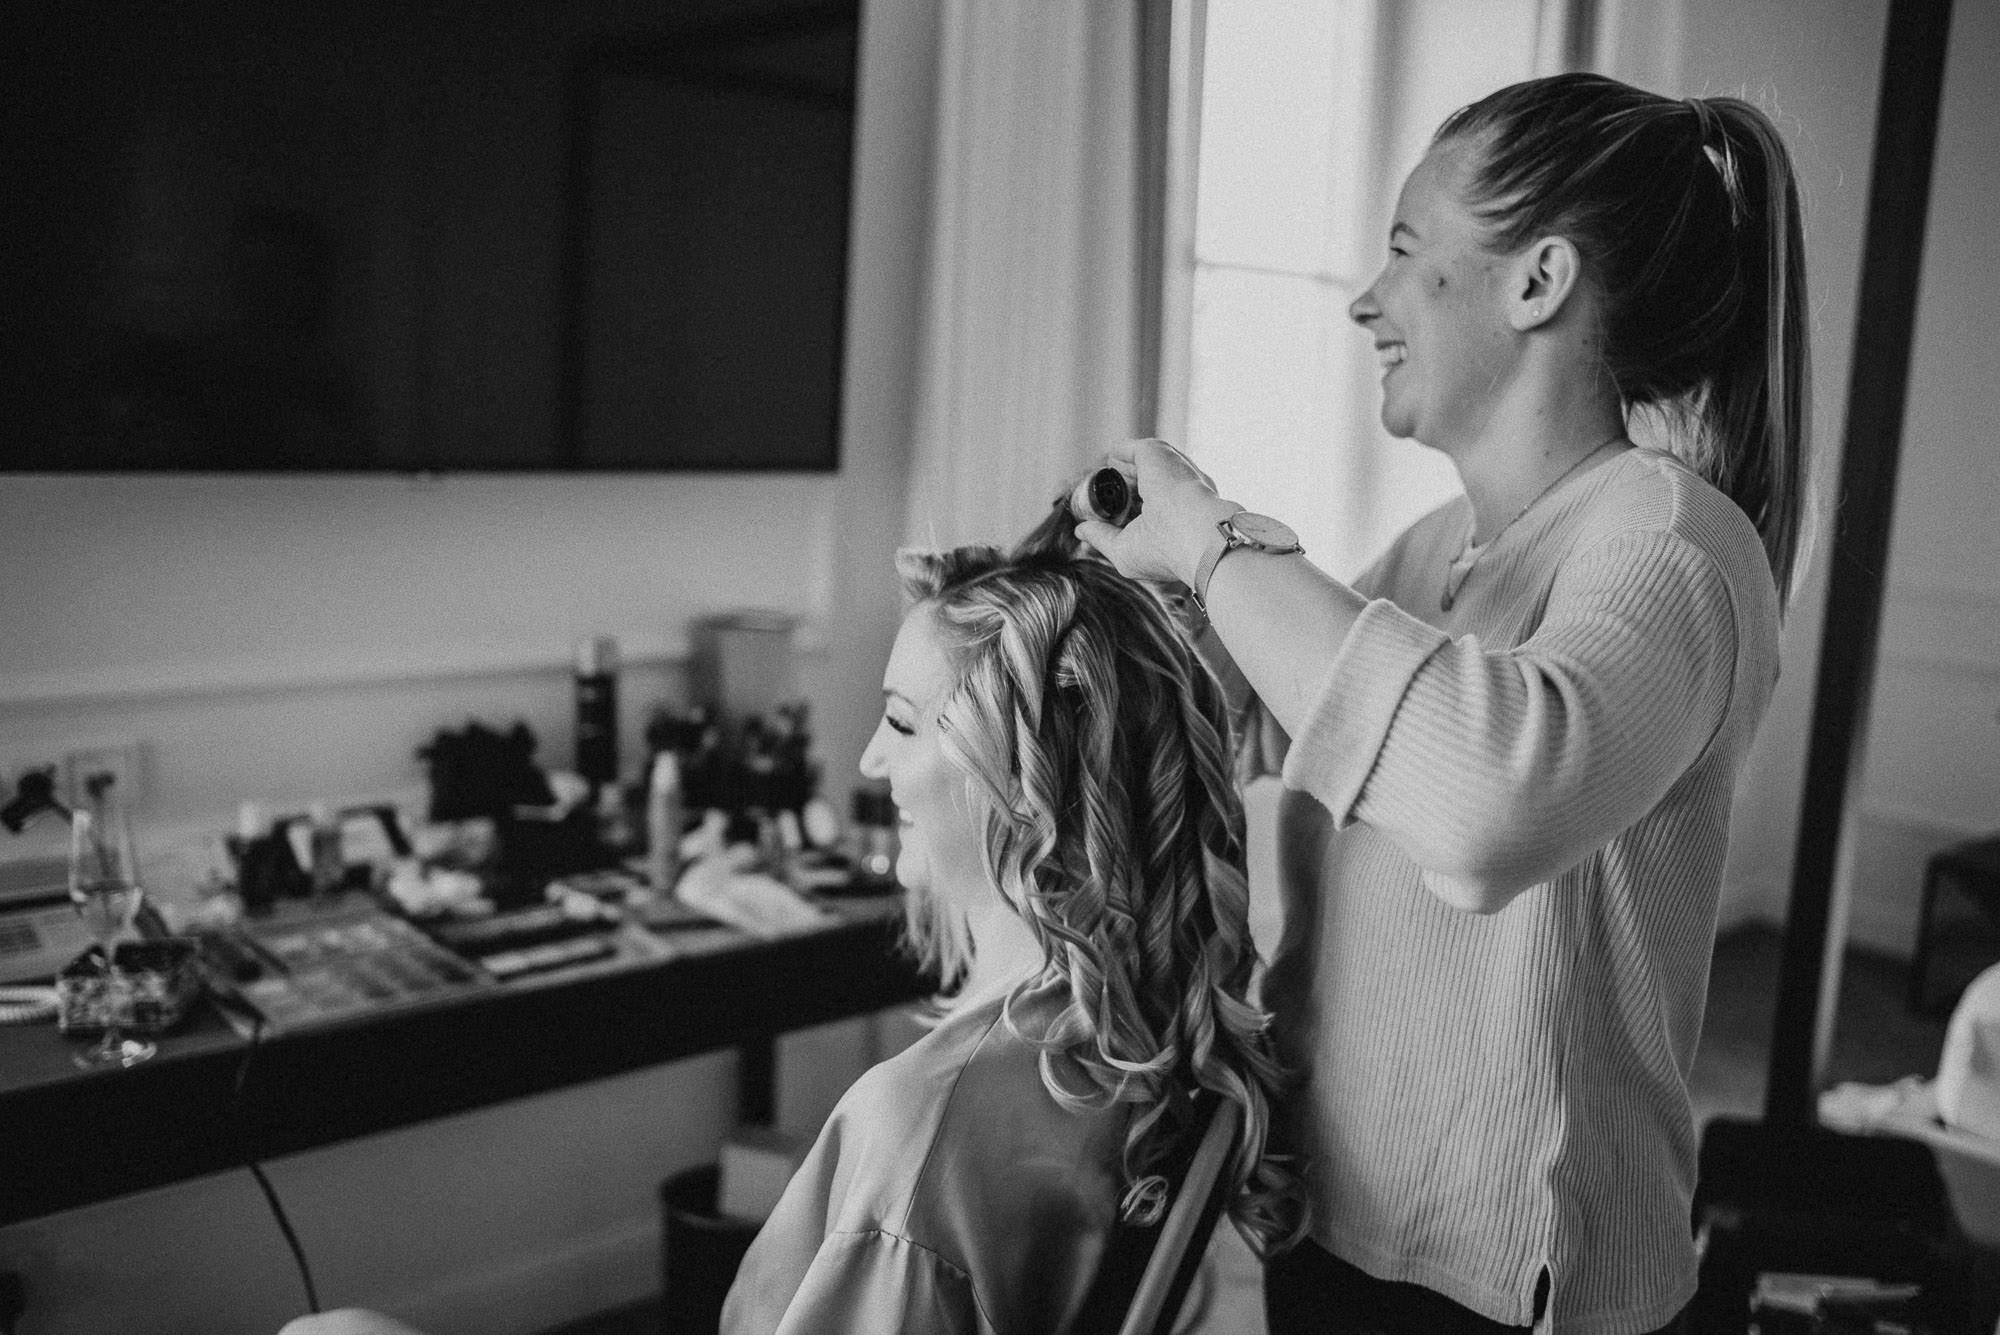 Stylistin und Braut beim Getting Ready